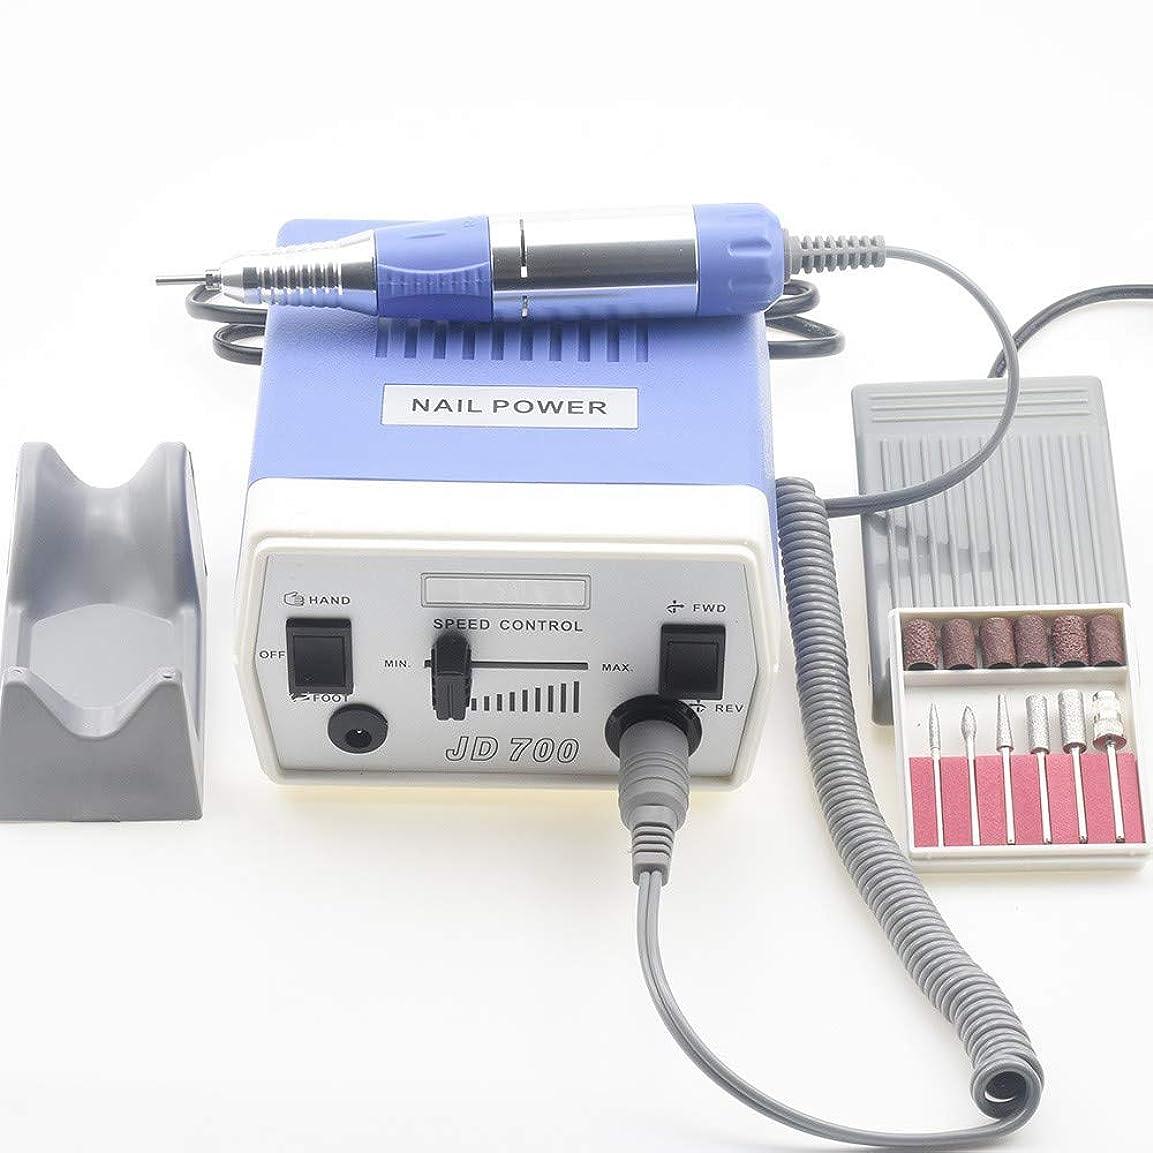 やがてファセットジャンピングジャックネイルドライヤー35ワット40000 rpm電動ネイルドリルネイル機器マニキュア工作機械ペディキュアアクリルフライスネイルアートドリルペン機セット